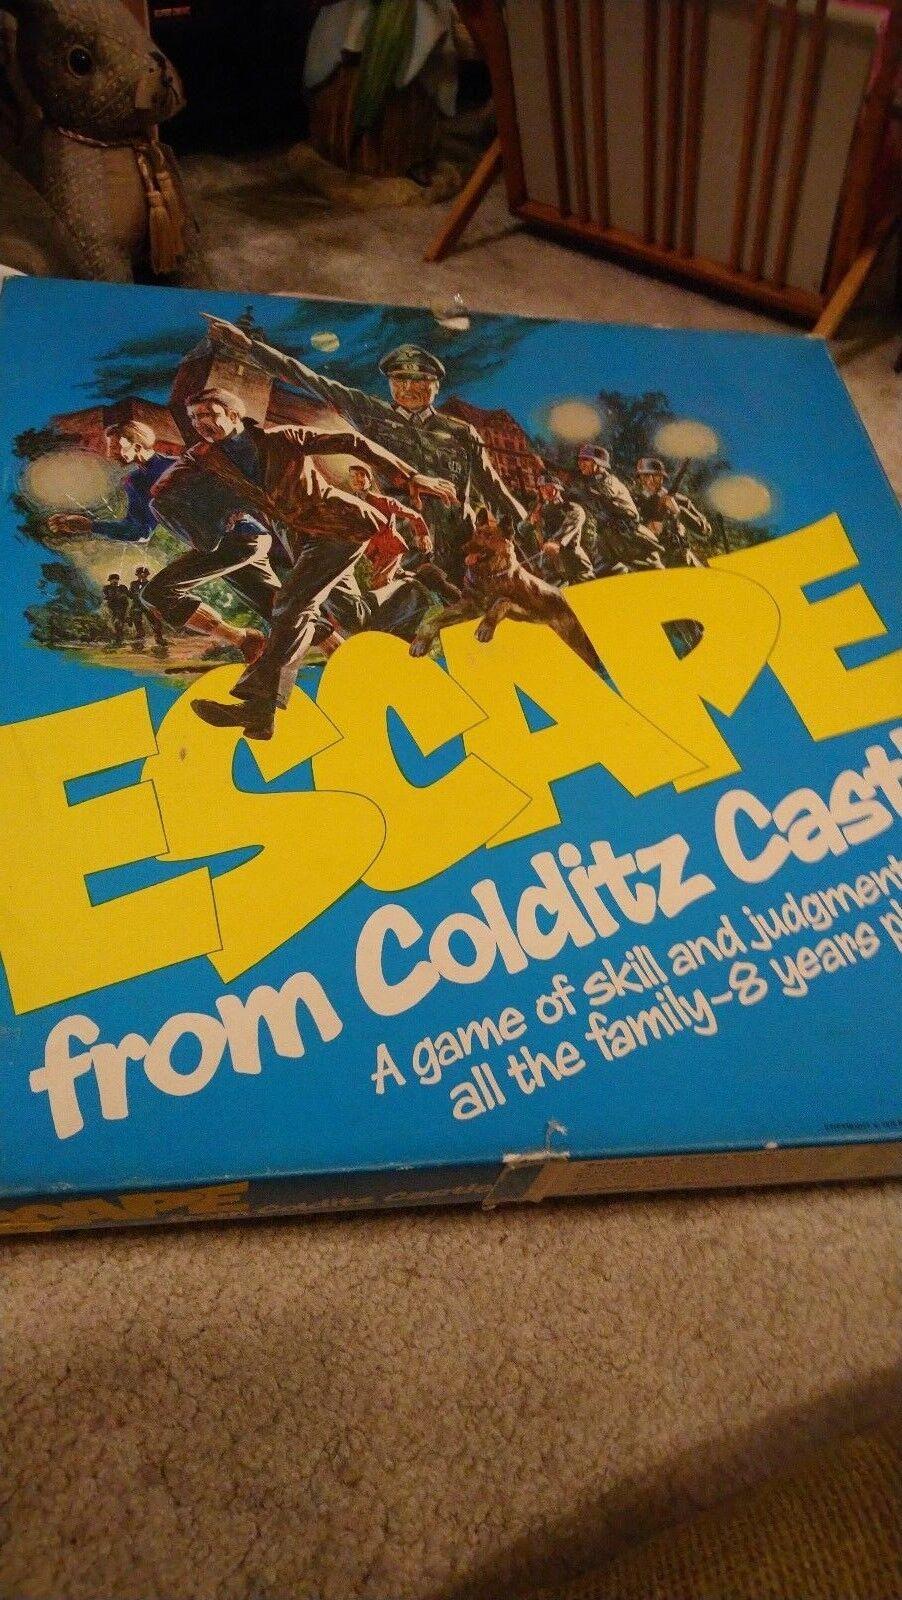 Invicta entkommen colditzer schloss aus dem jahr 1972.die spiele abgeschlossen.